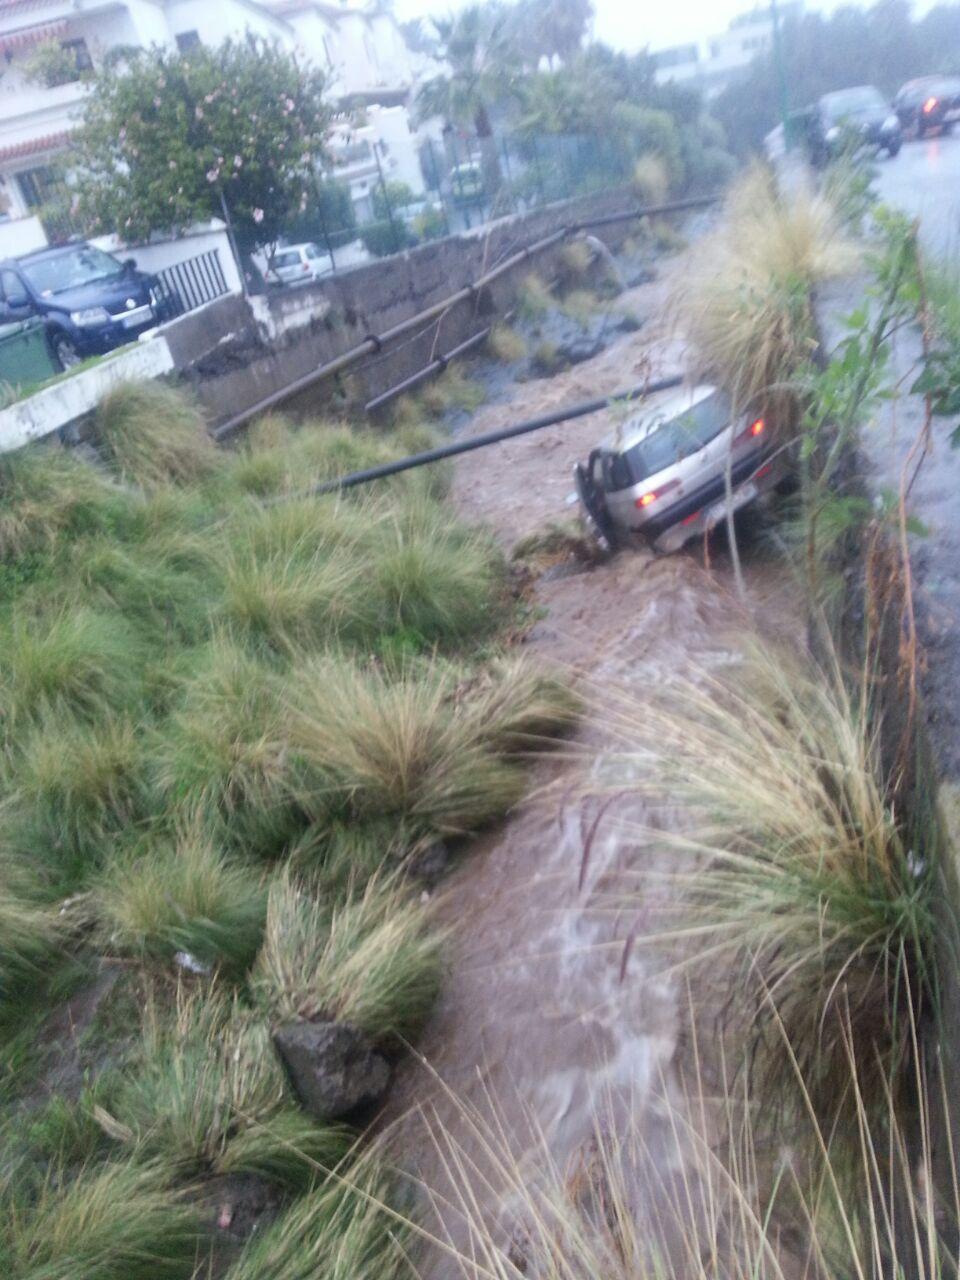 el vehículo arrastrado al barranco de Tafuriaste, en Puerto de la Cruz.    Asociación de Vecinos Urbanización Guacimara